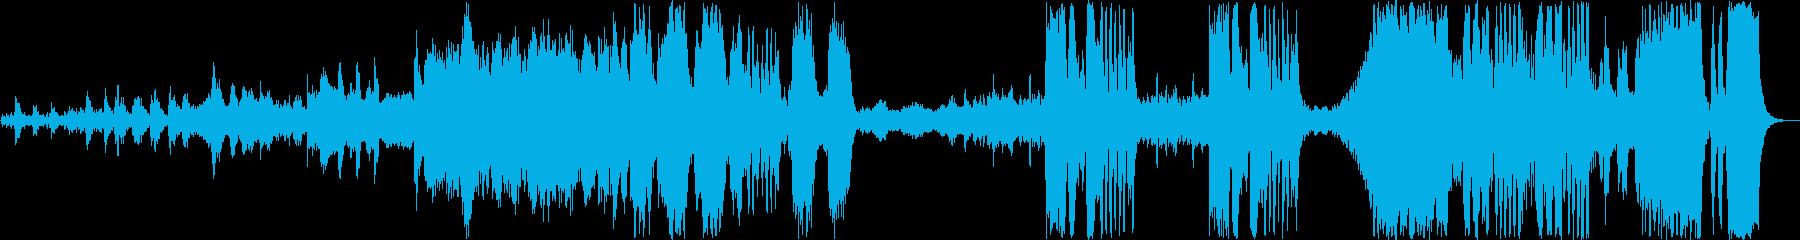 歌劇「魔笛」序曲/モーツァルトの再生済みの波形